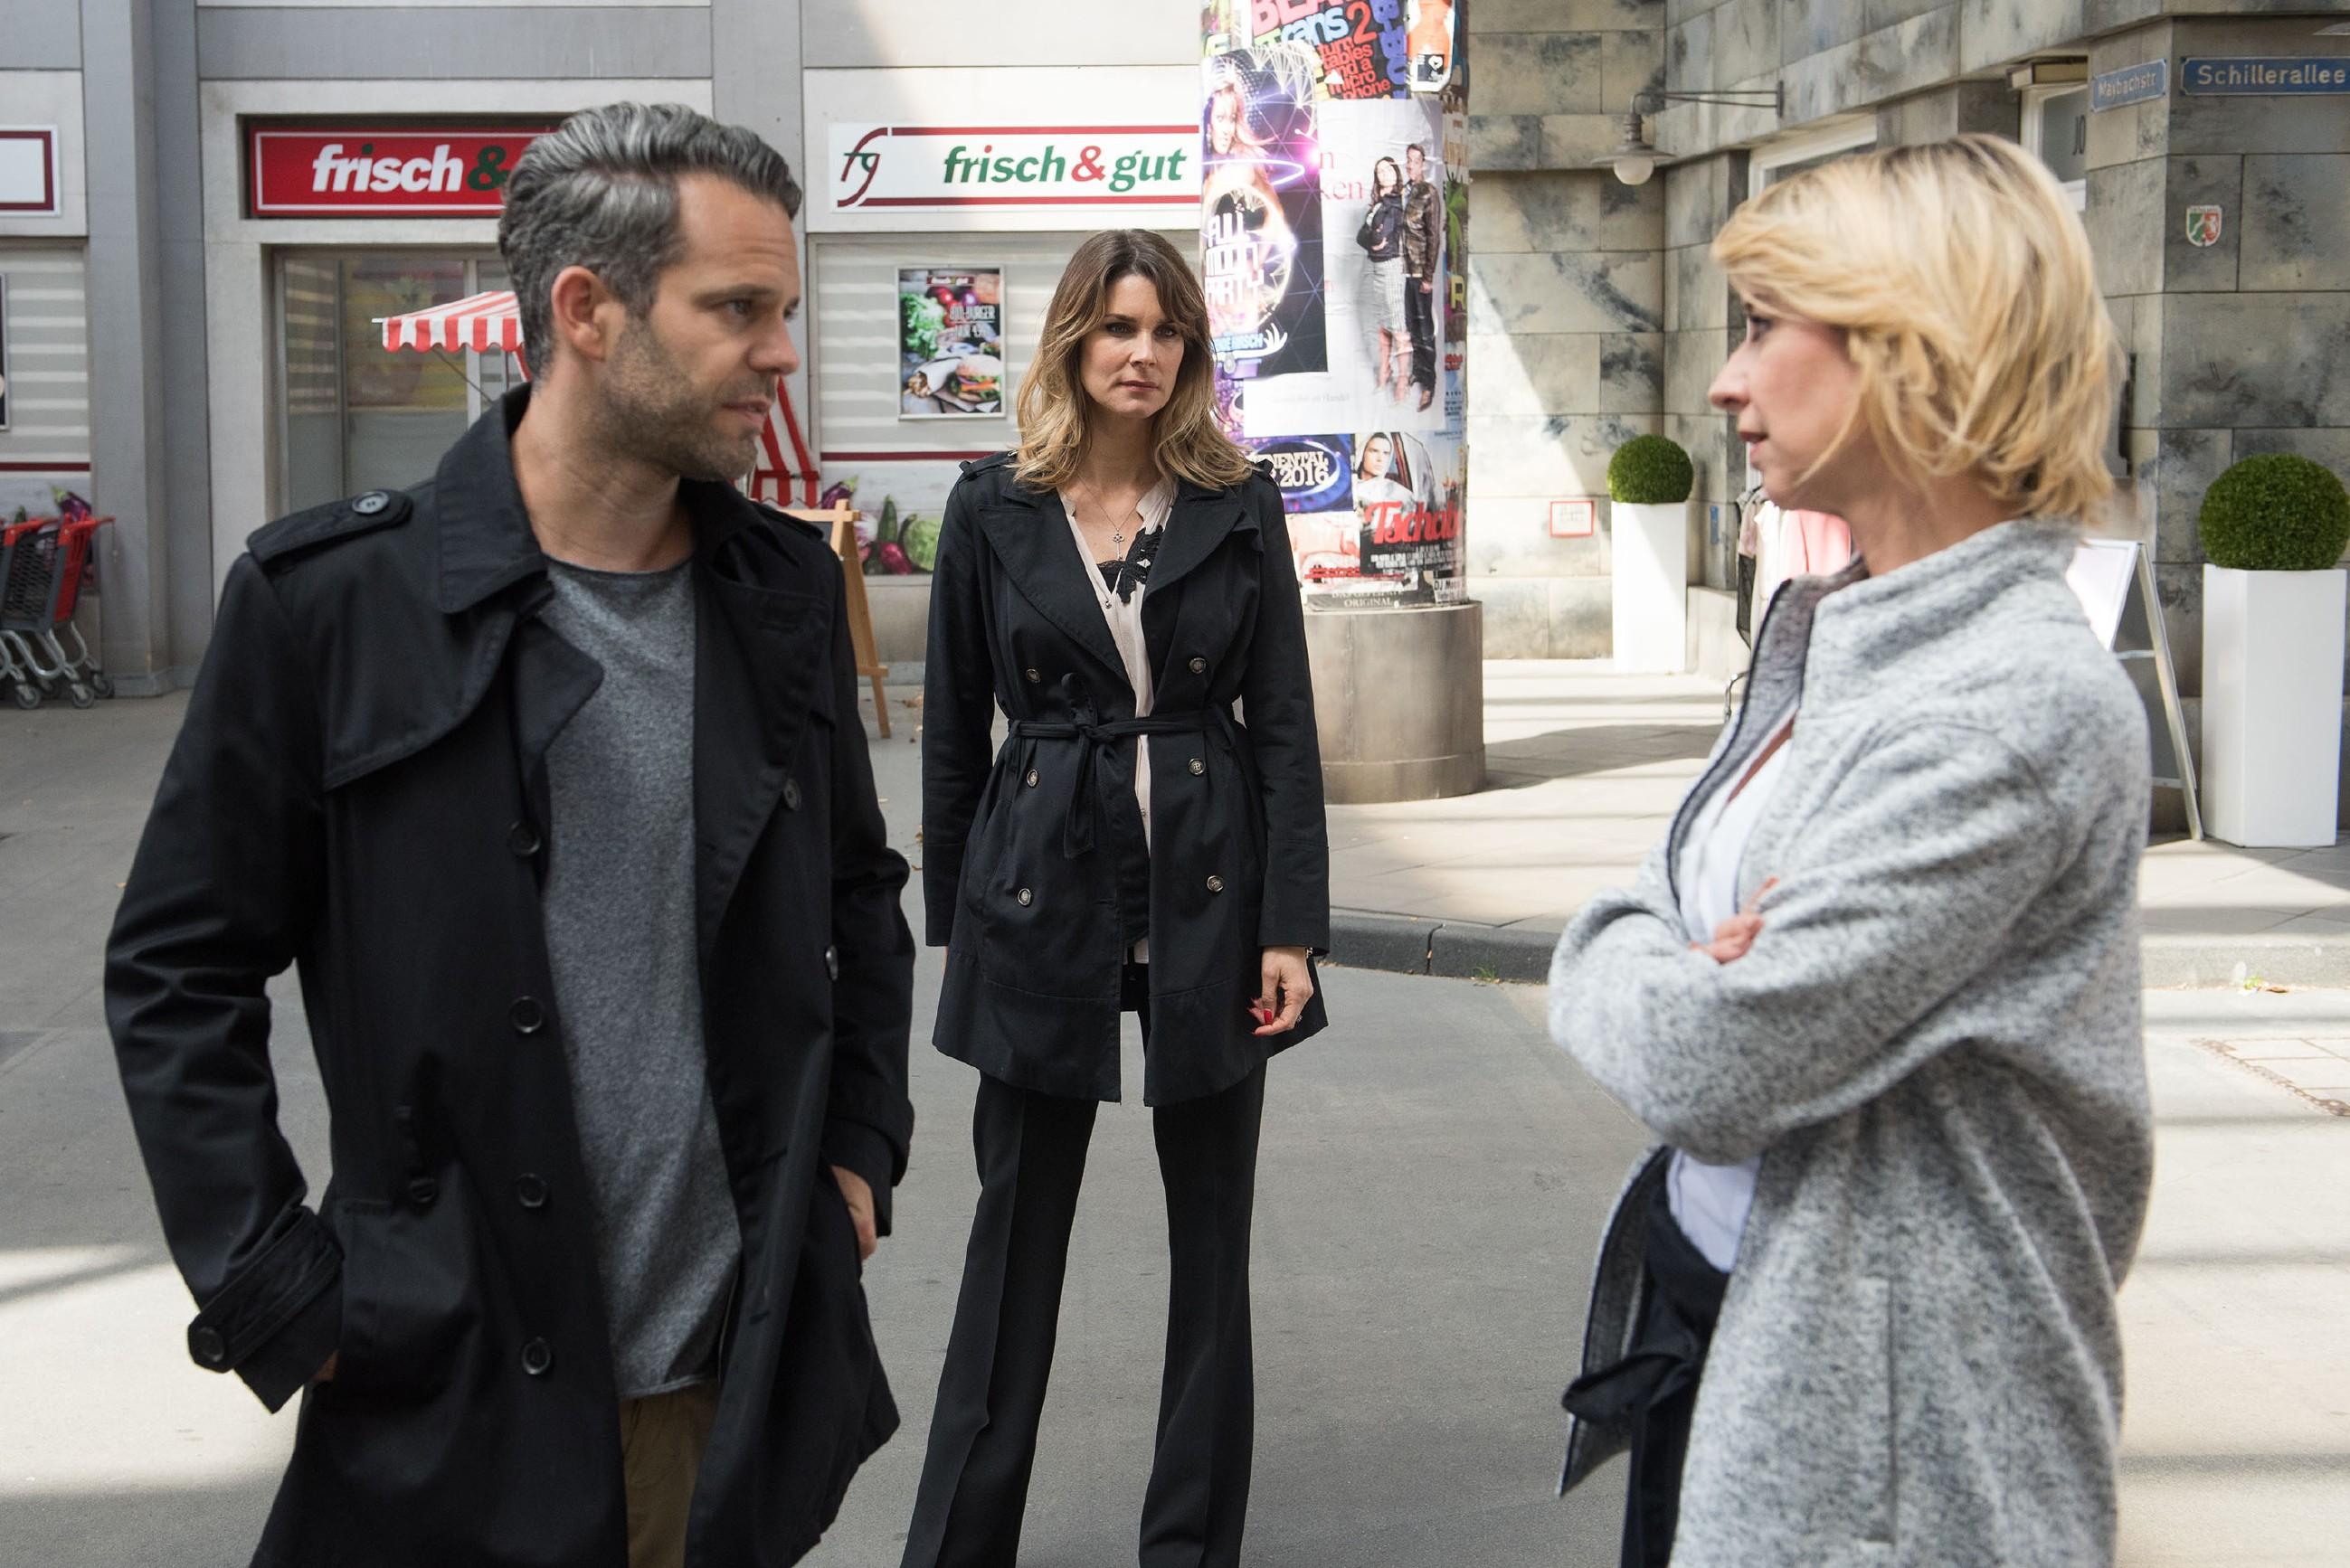 Eva (Claudelle Deckert, M.) sieht sich in ihrem Verdacht bestätigt, als sie einen gelösten Moment zwischen Ute (Isabell Hertel) und Till (Ben Ruedinger) beobachtet. (Quelle: RTL / Stefan Behrens)